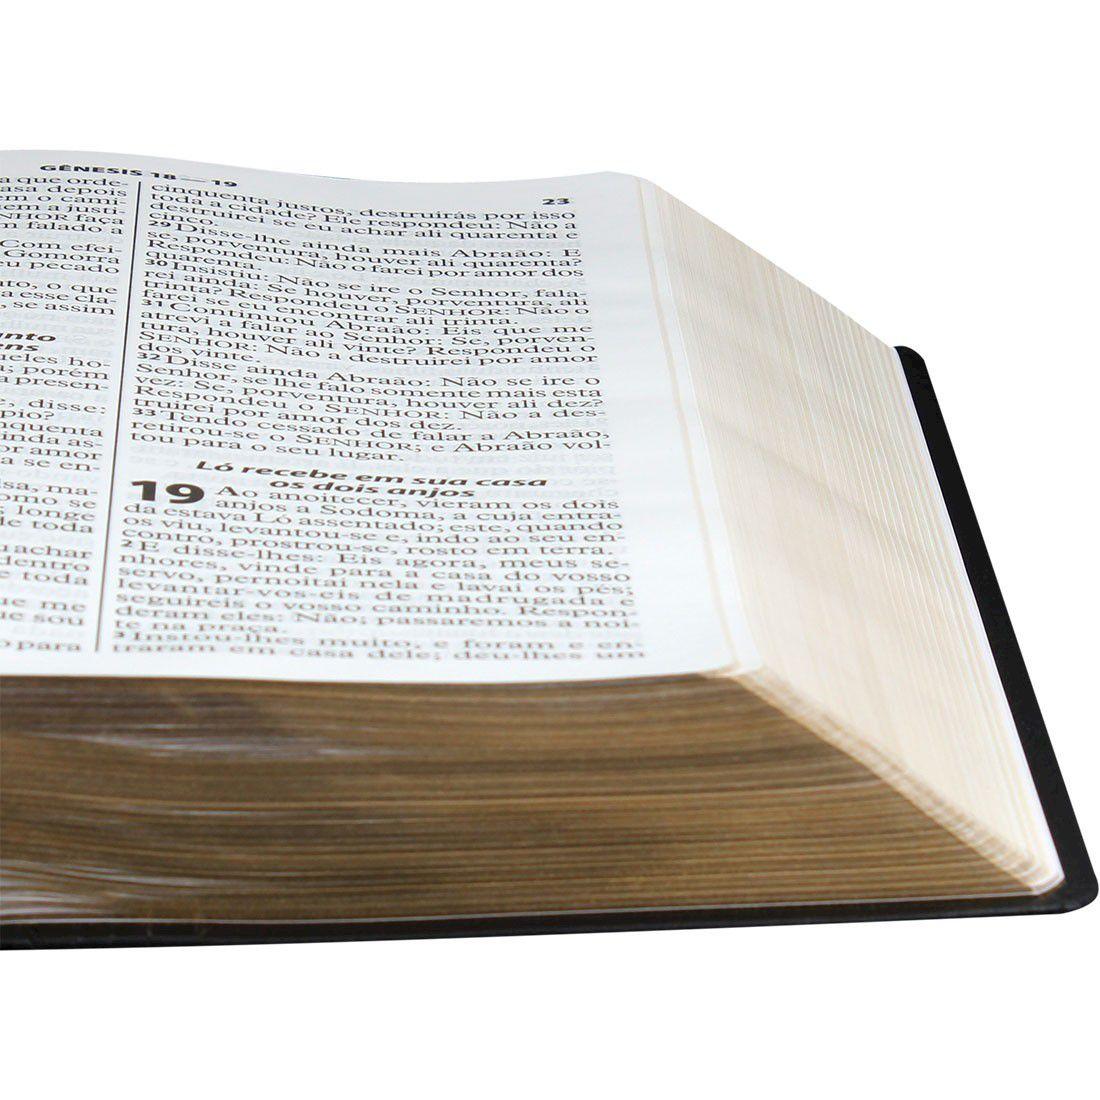 Bíblia Sagrada Letra Extragigante em Couro Legítimo